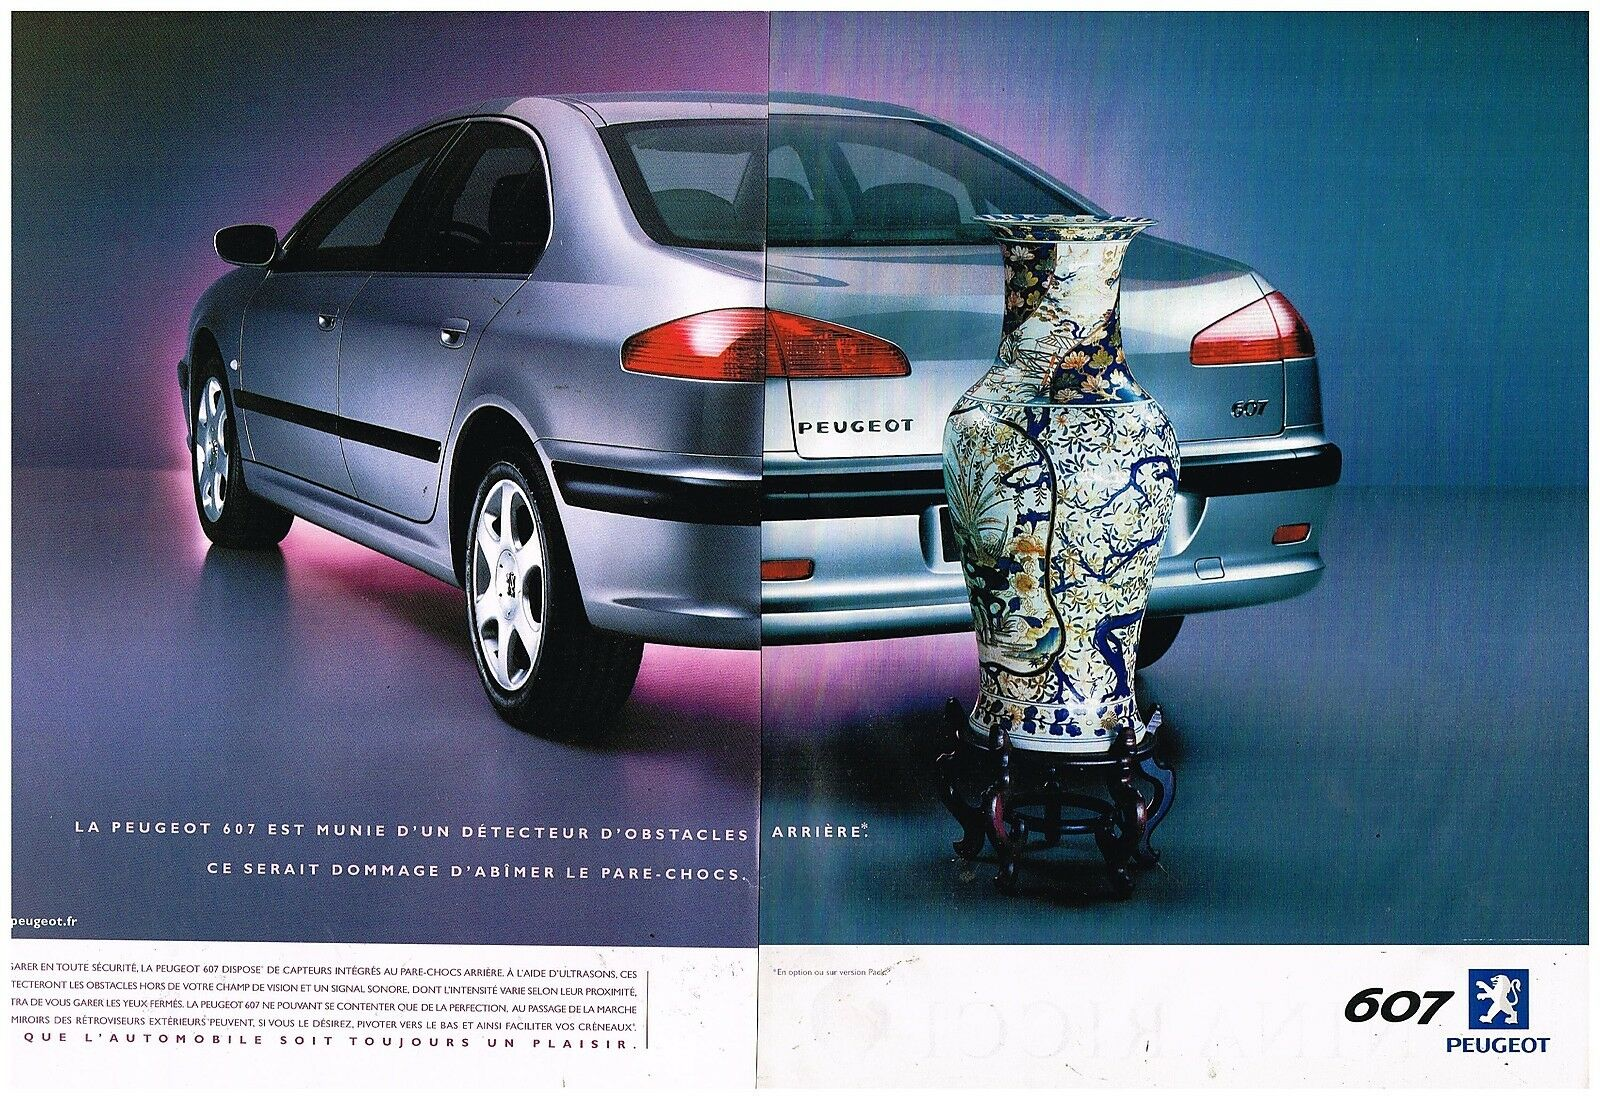 2001 Peugeot 607